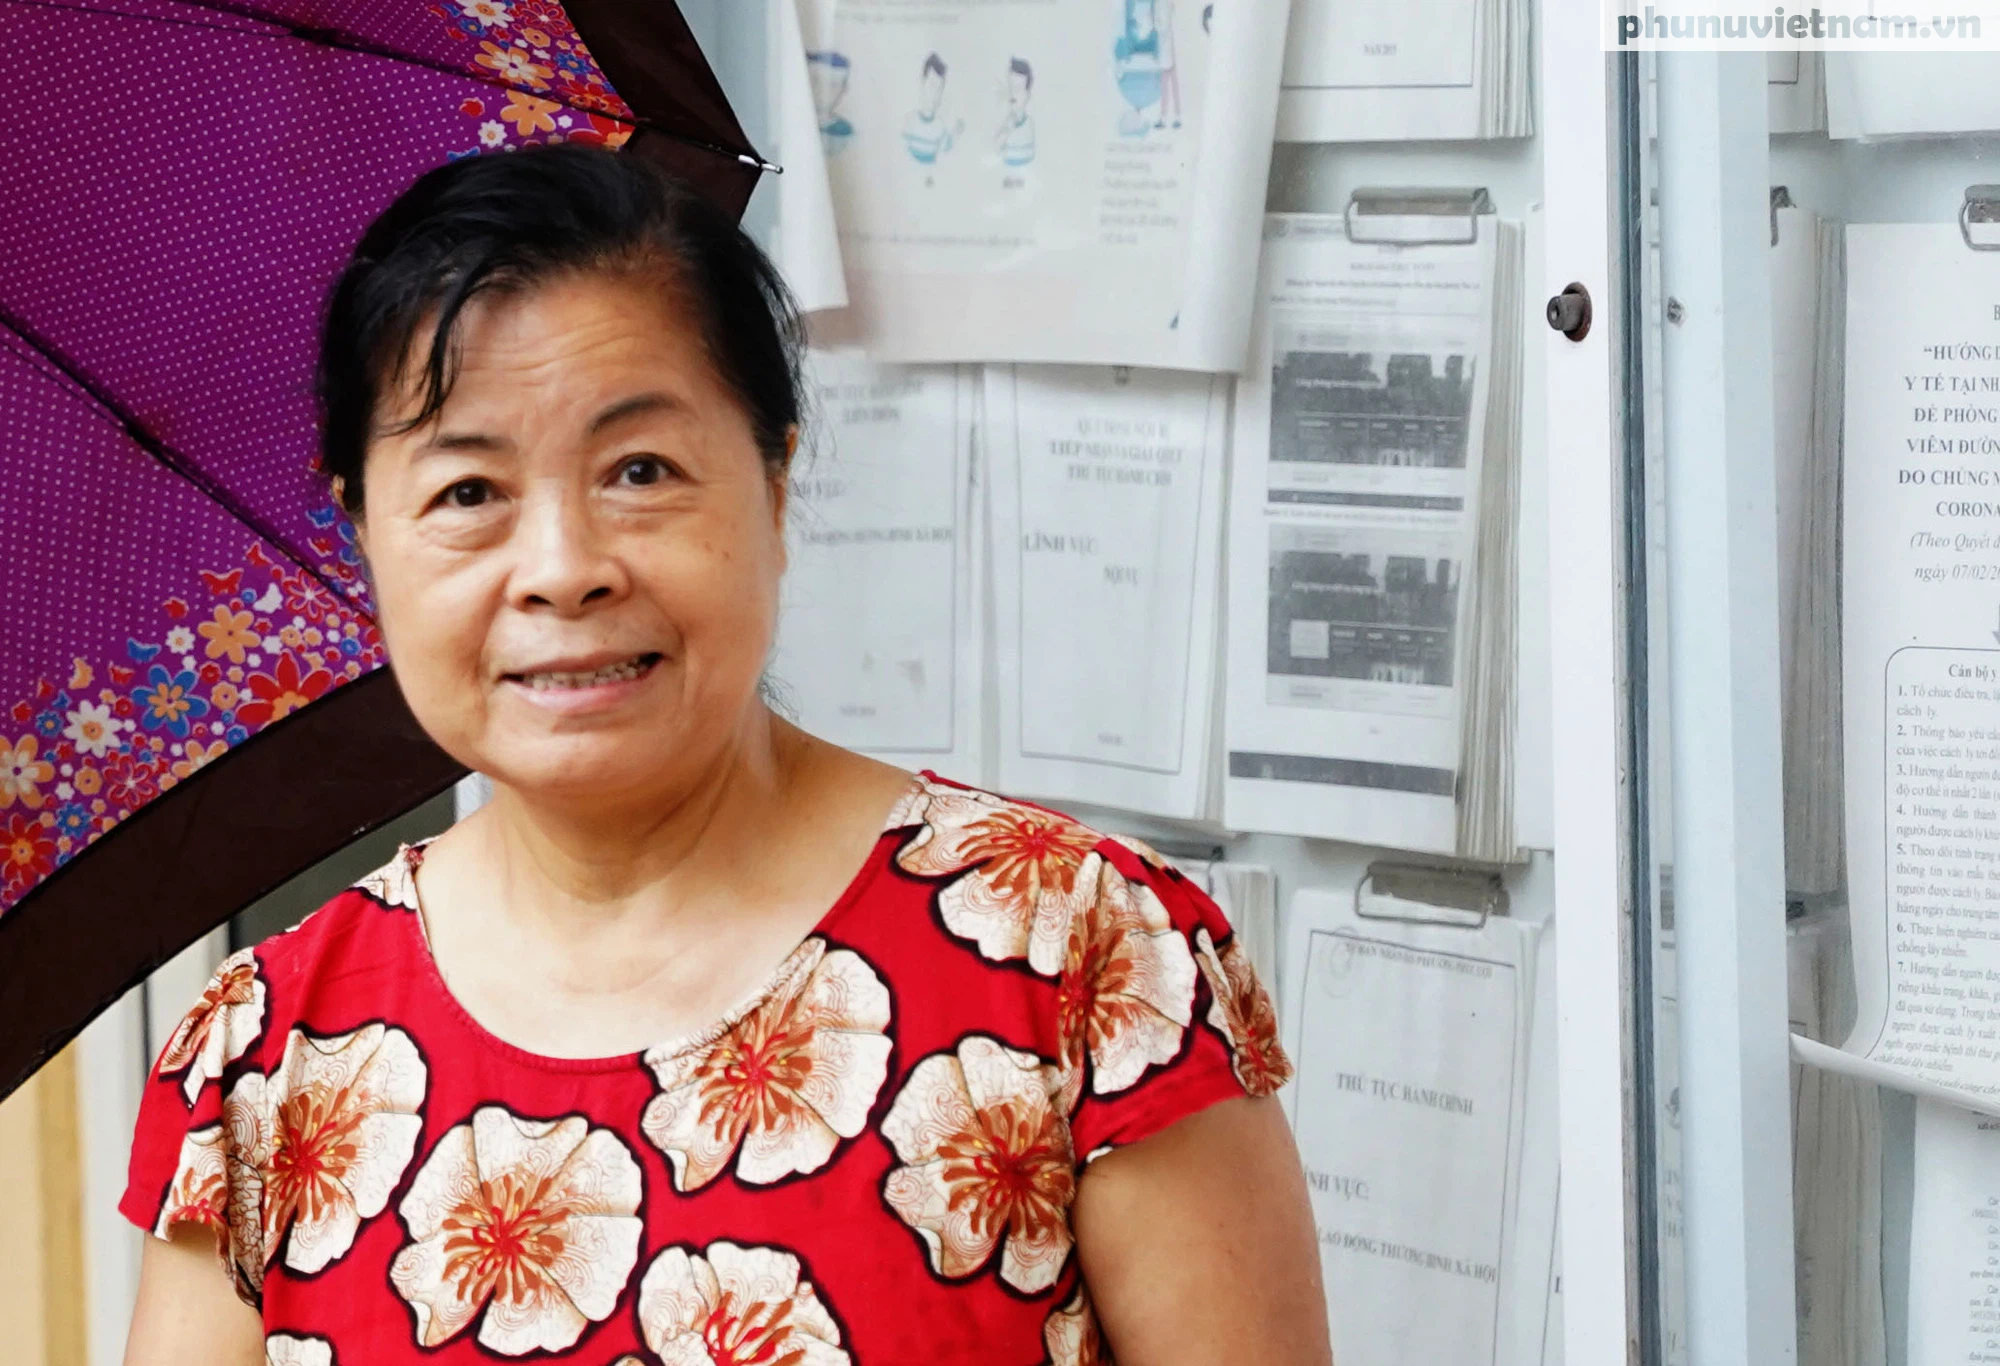 Hơn chục người dầm mưa vận chuyển, phát miễn phí 5,5 tấn nông sản Bắc Giang  - Ảnh 19.